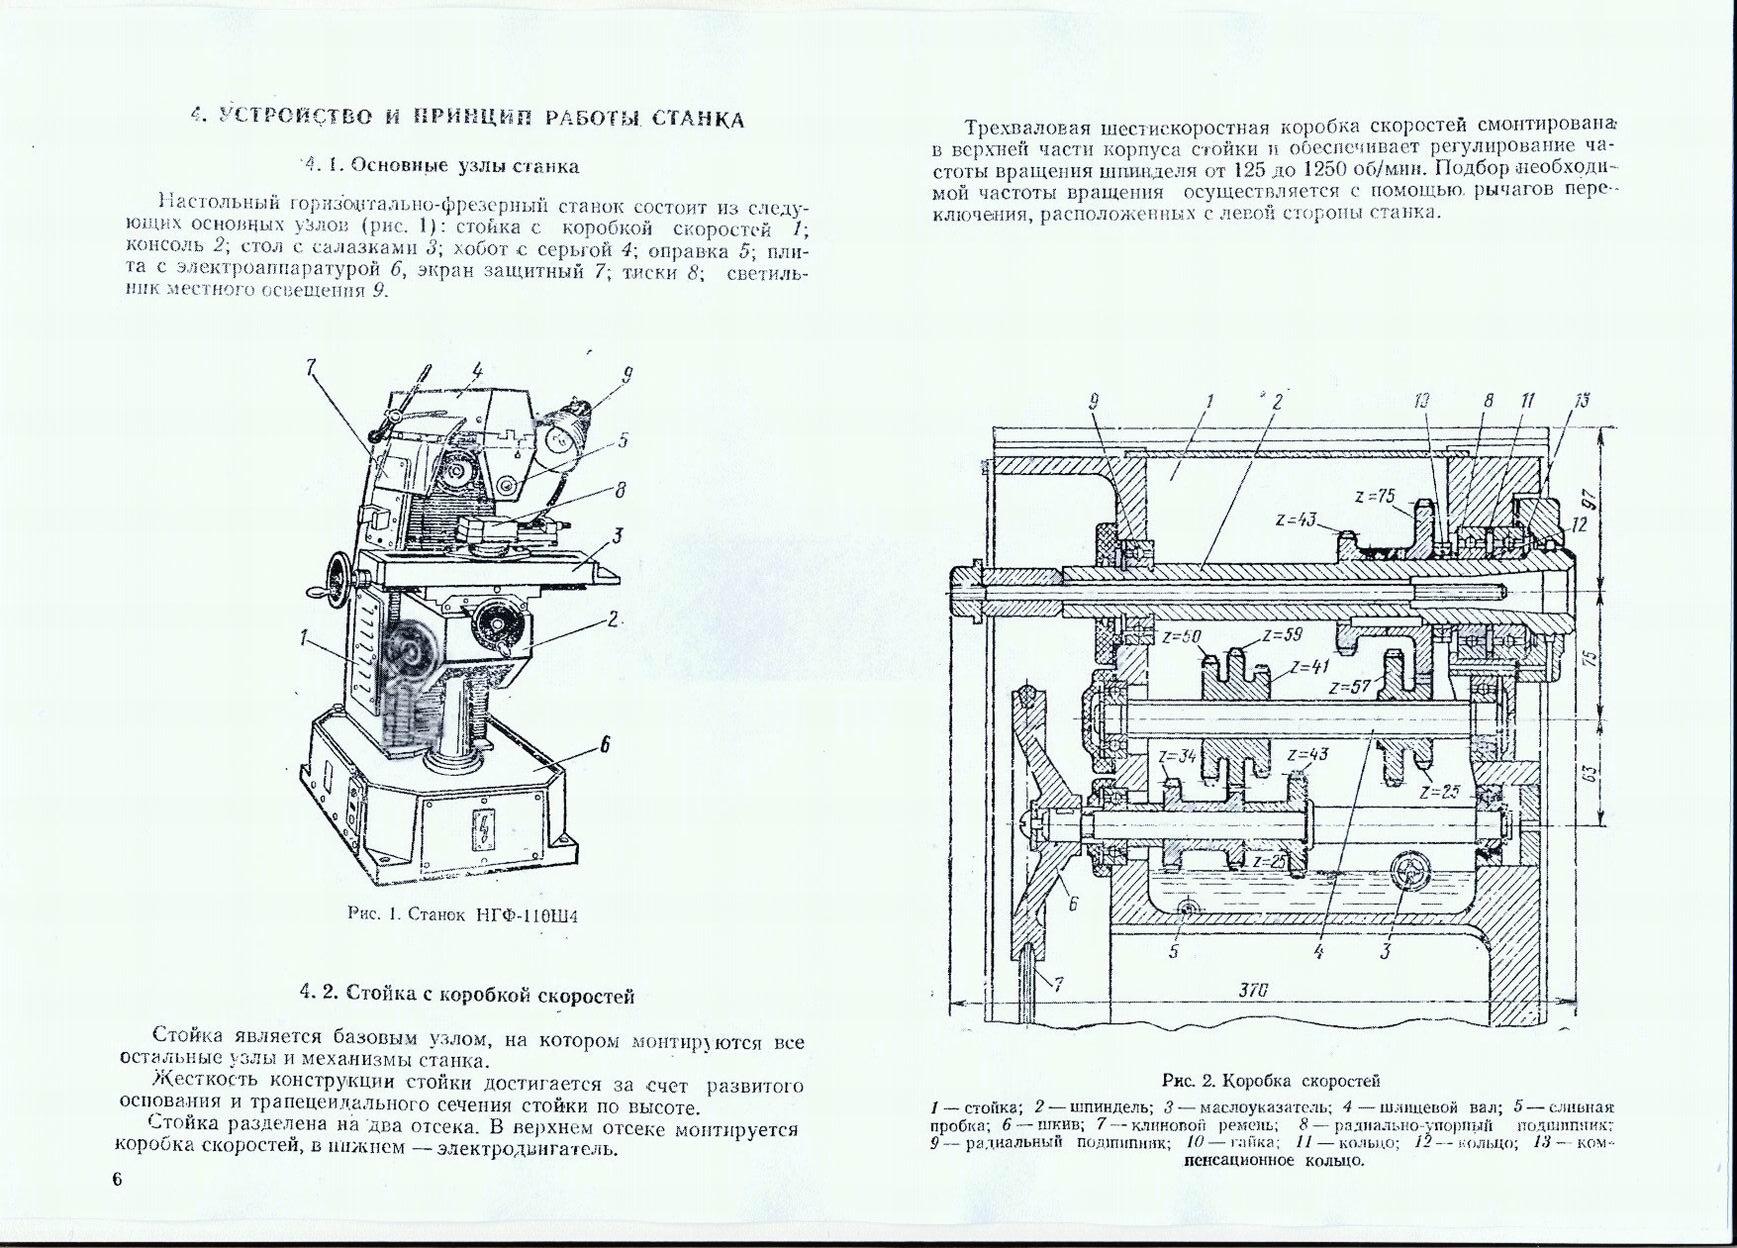 Нгф 110 ш4 настольный горизонтально-фрезерный станок: рассказываем детально